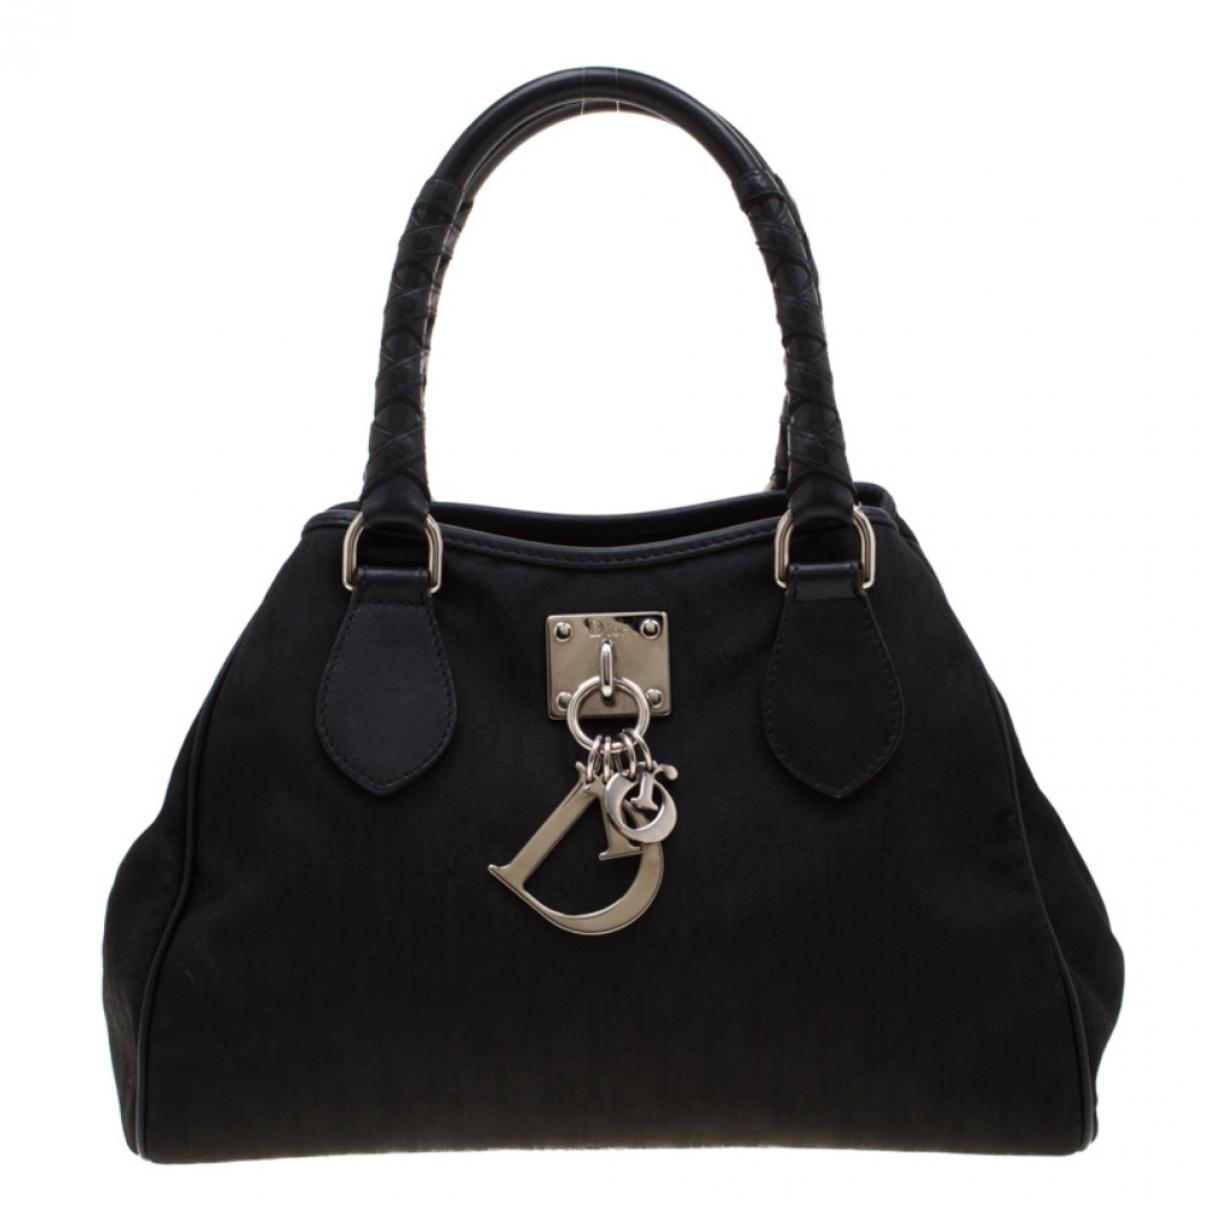 Dior - Sac a main   pour femme en toile - noir